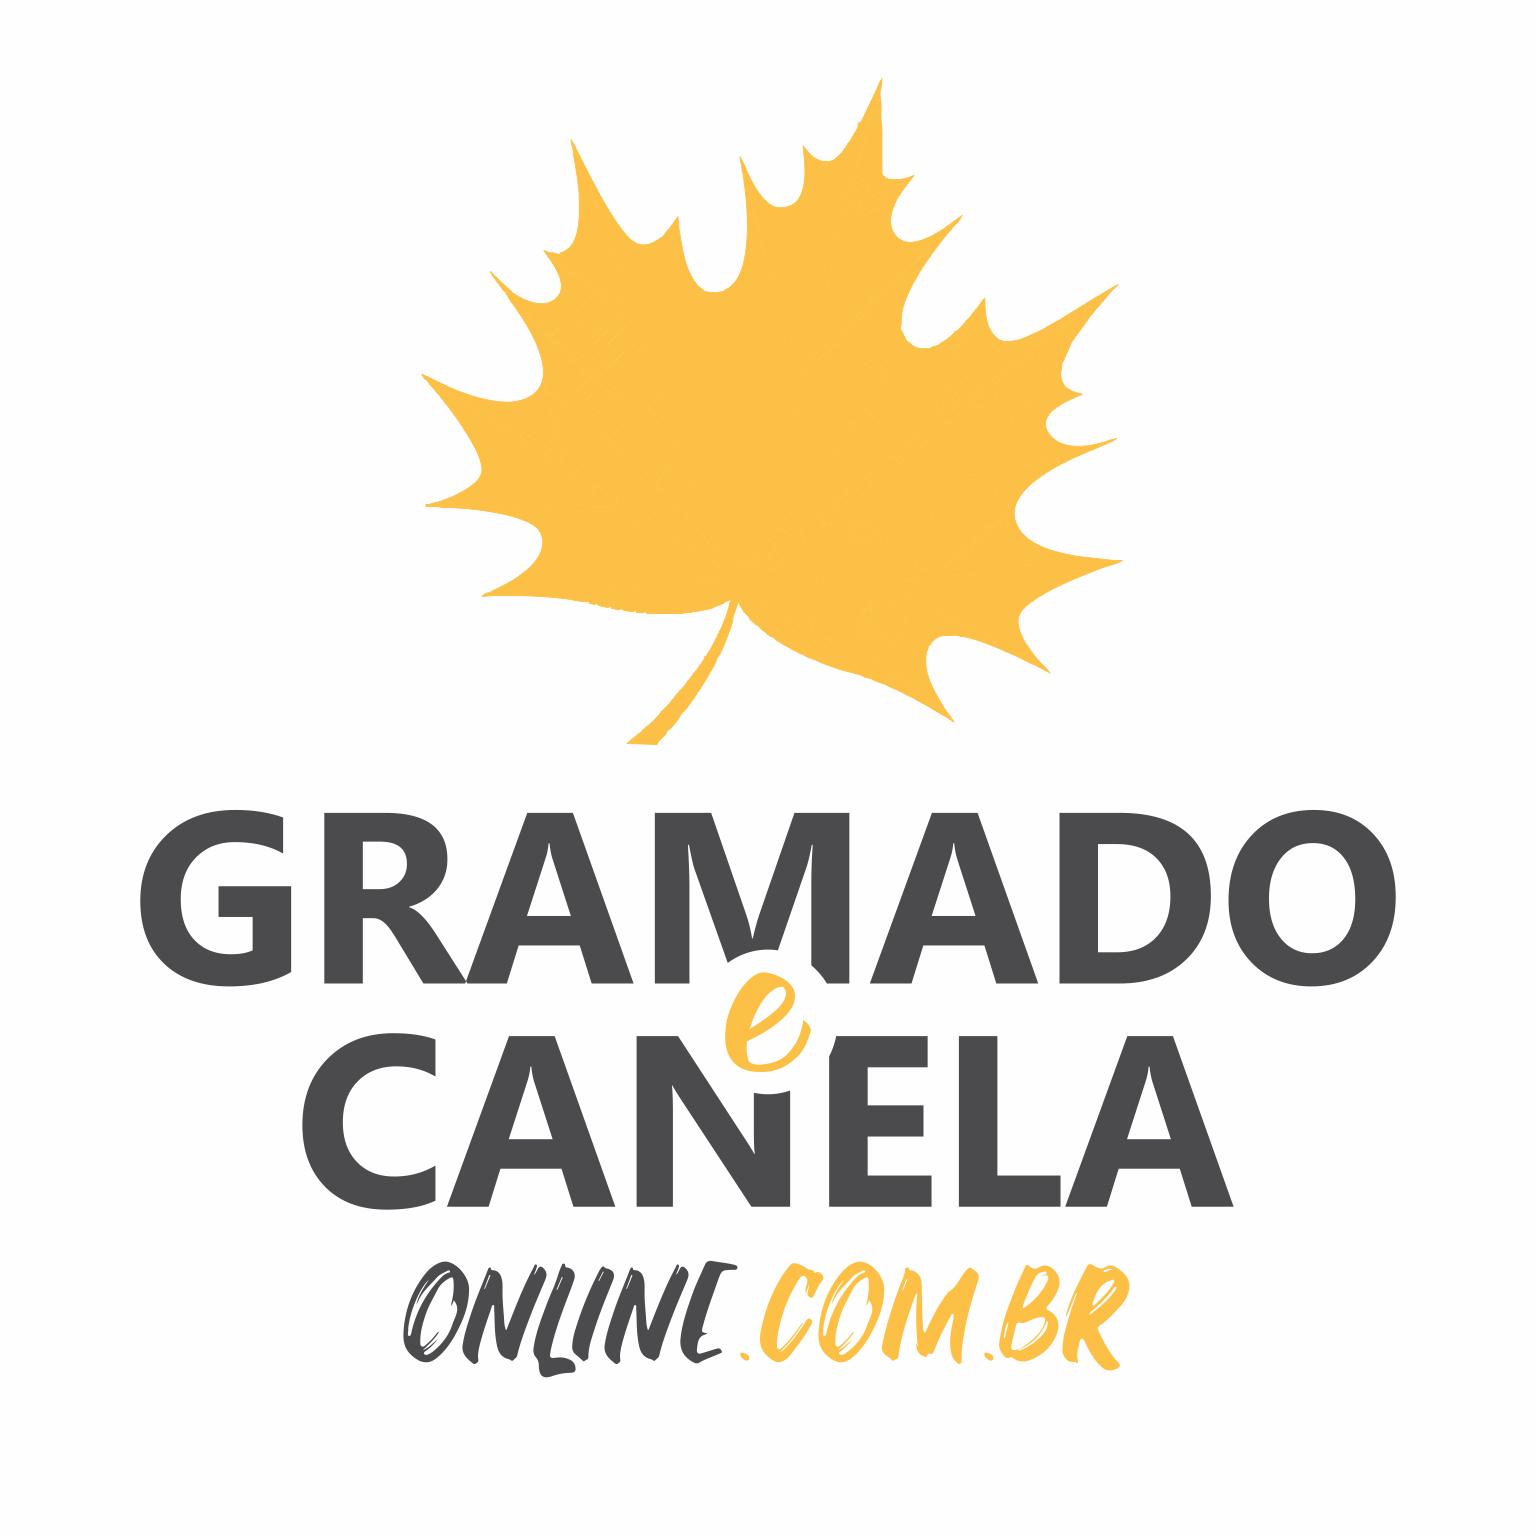 Gramado e Canela Online